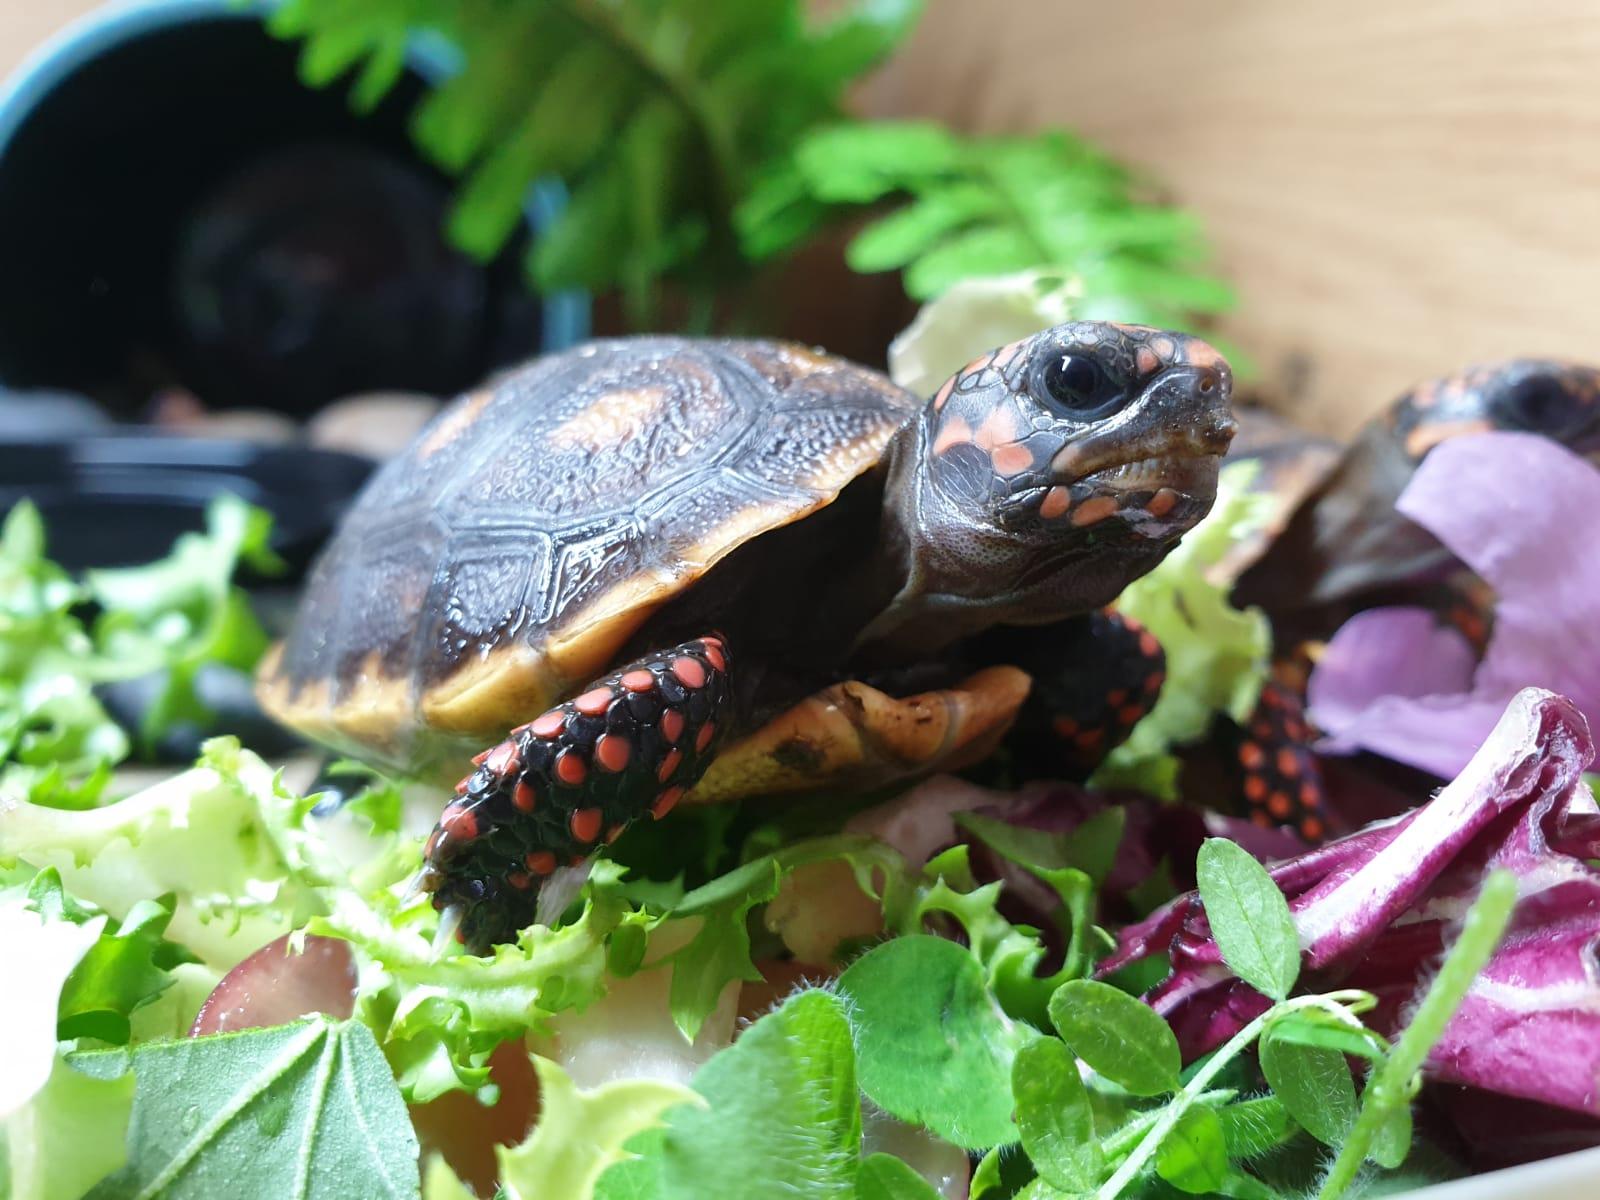 UK CB 2019 Red Foot tortoises available-img-20190910-wa0004_1568897780620.jpg